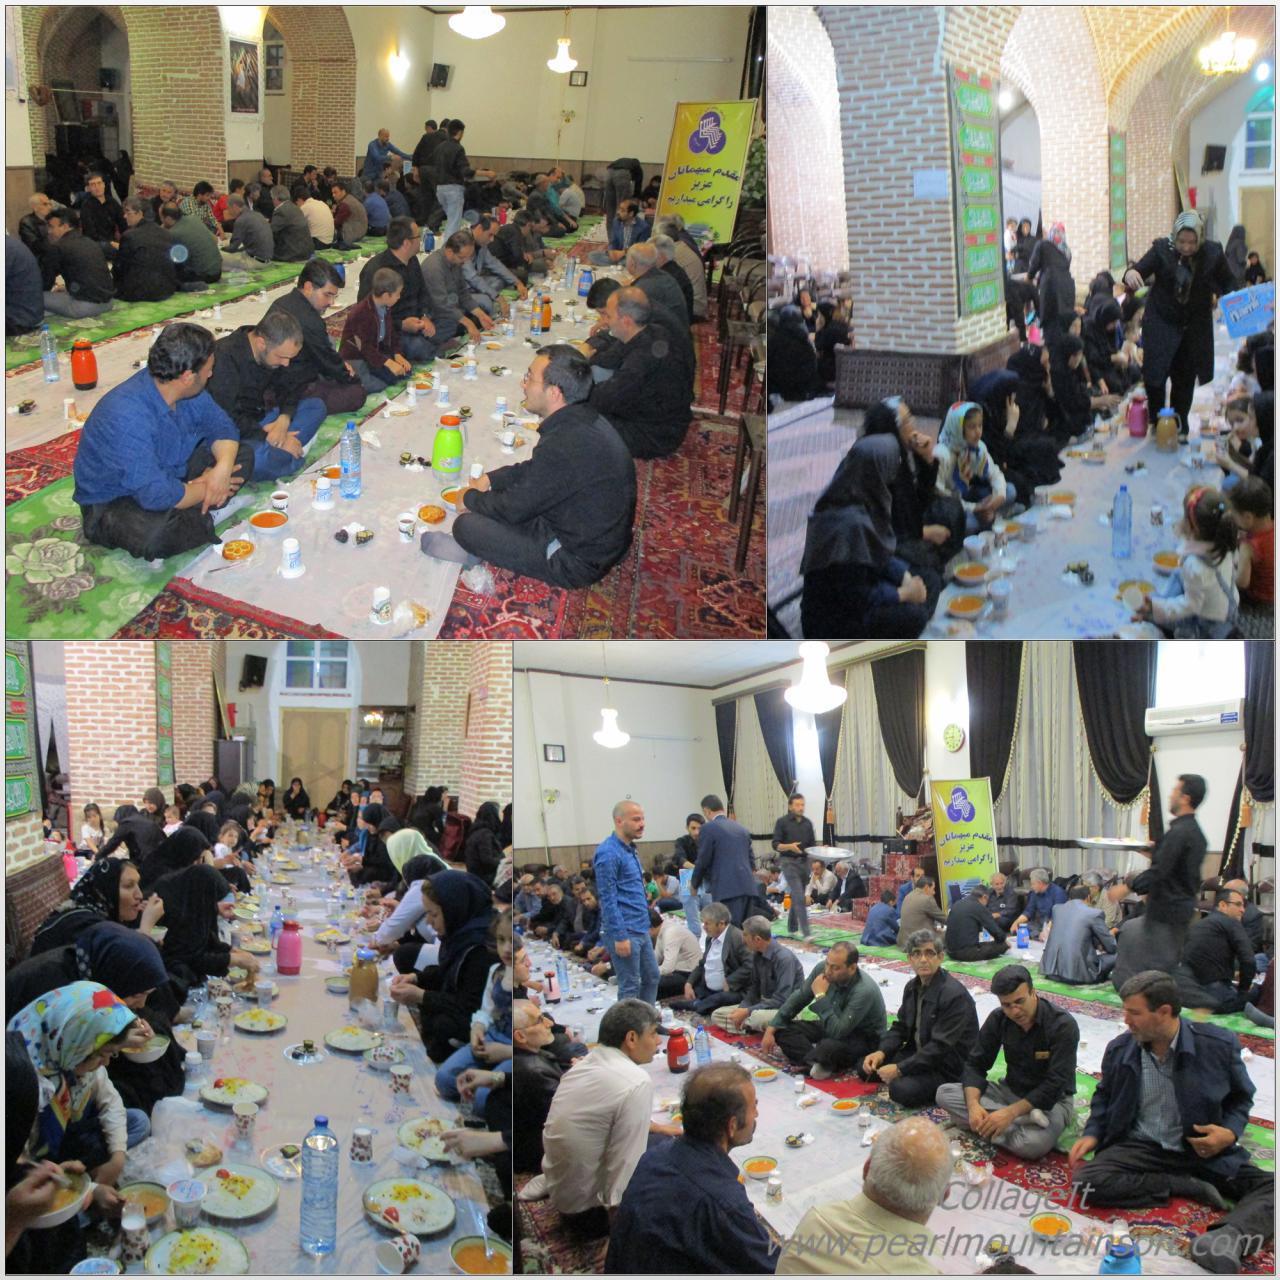 اکرام و افطاری جامعه معلولین در 16خرداد 1397مصادف با 21رومضان وسالروزشهادت حضرت علی (ع)